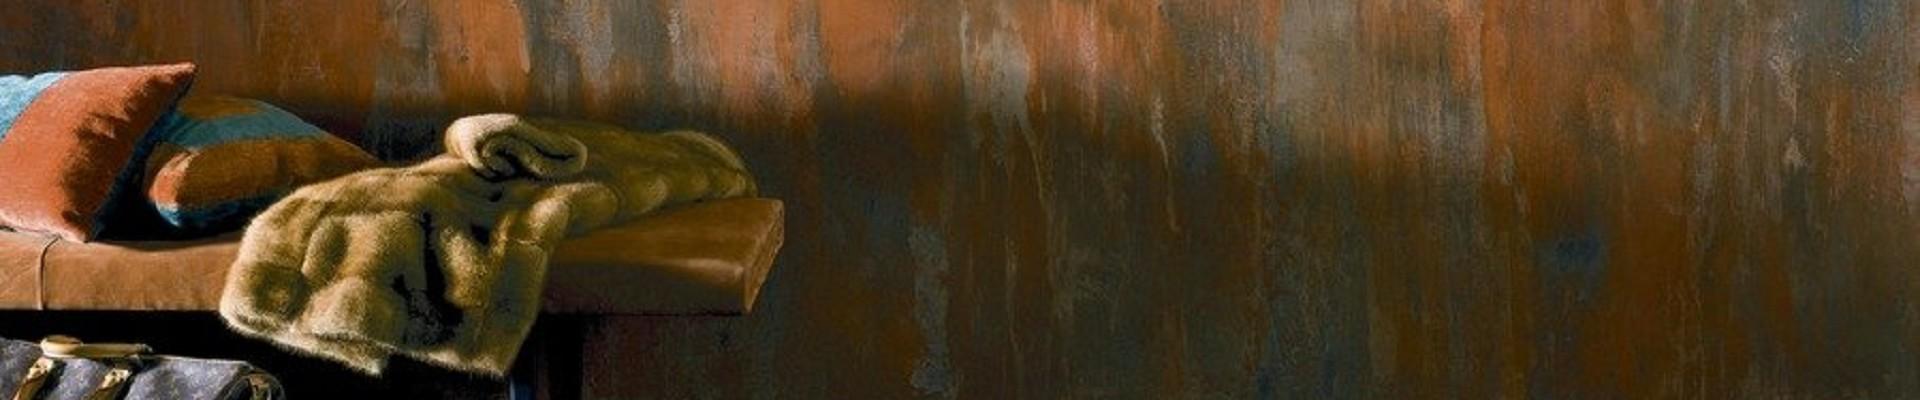 Effetti Pittura Pareti Interne.Colori Online Pitture Speciali Per Interni Ed Esterni